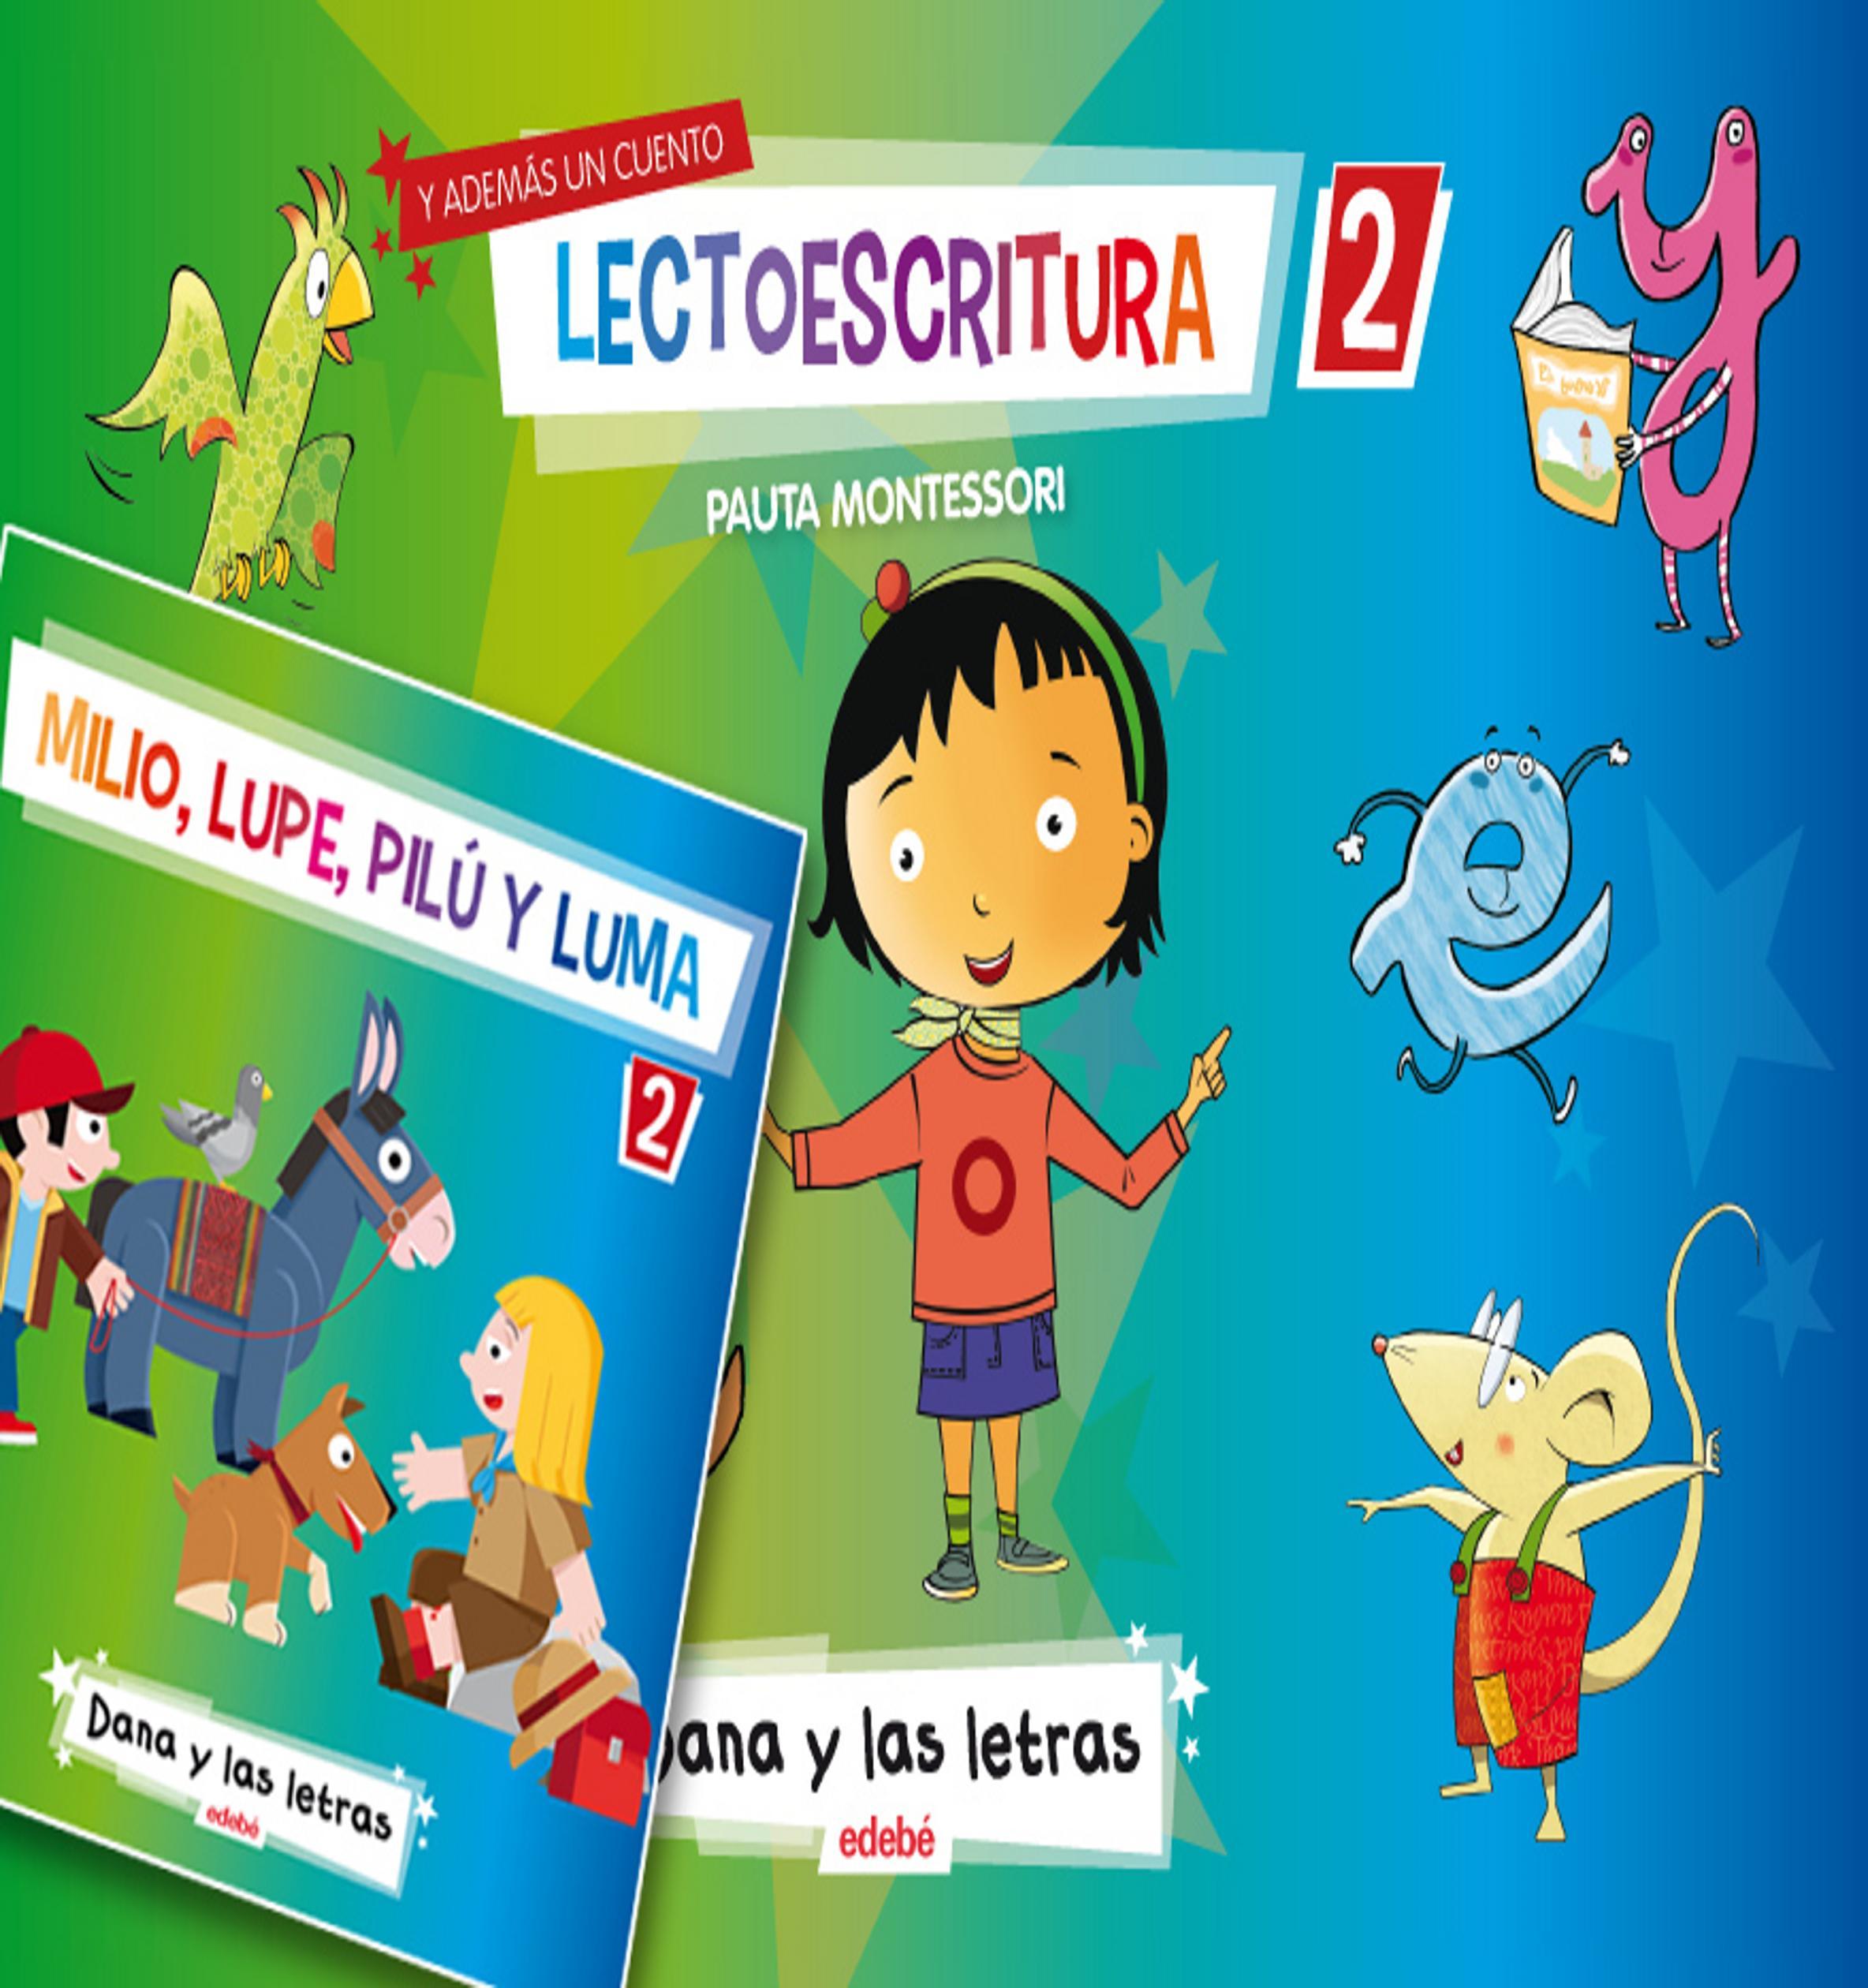 DANA Y LAS LETRAS - Libro de lectura